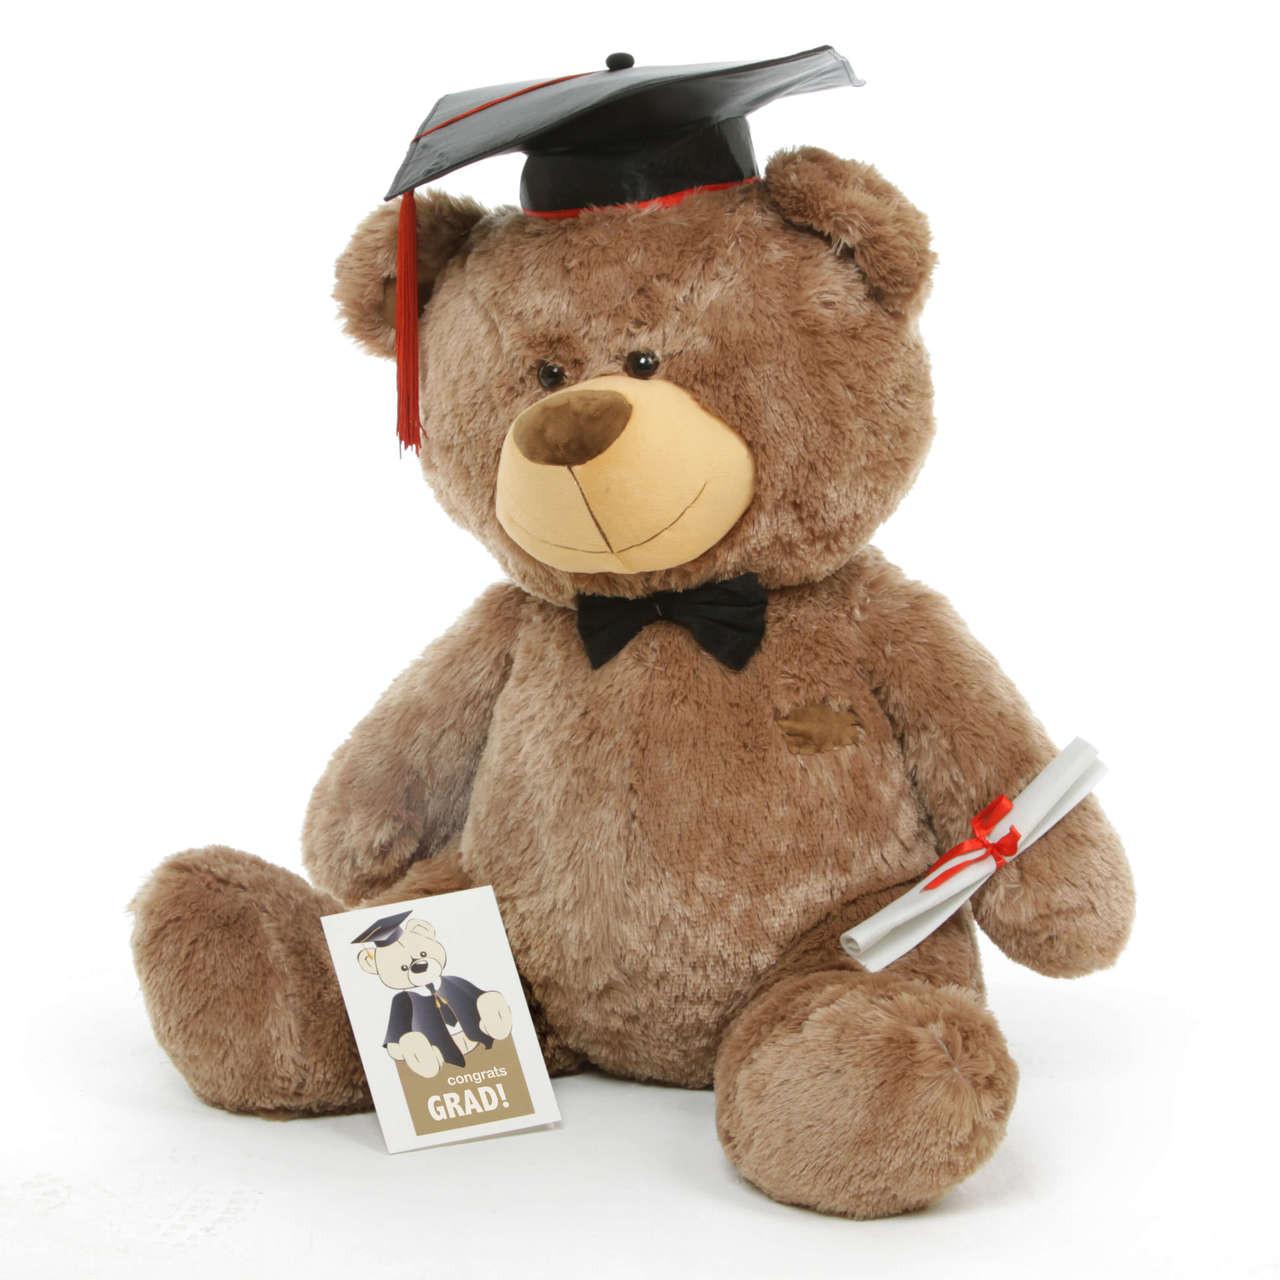 Graduation Teddy Bear with Cap and Diploma